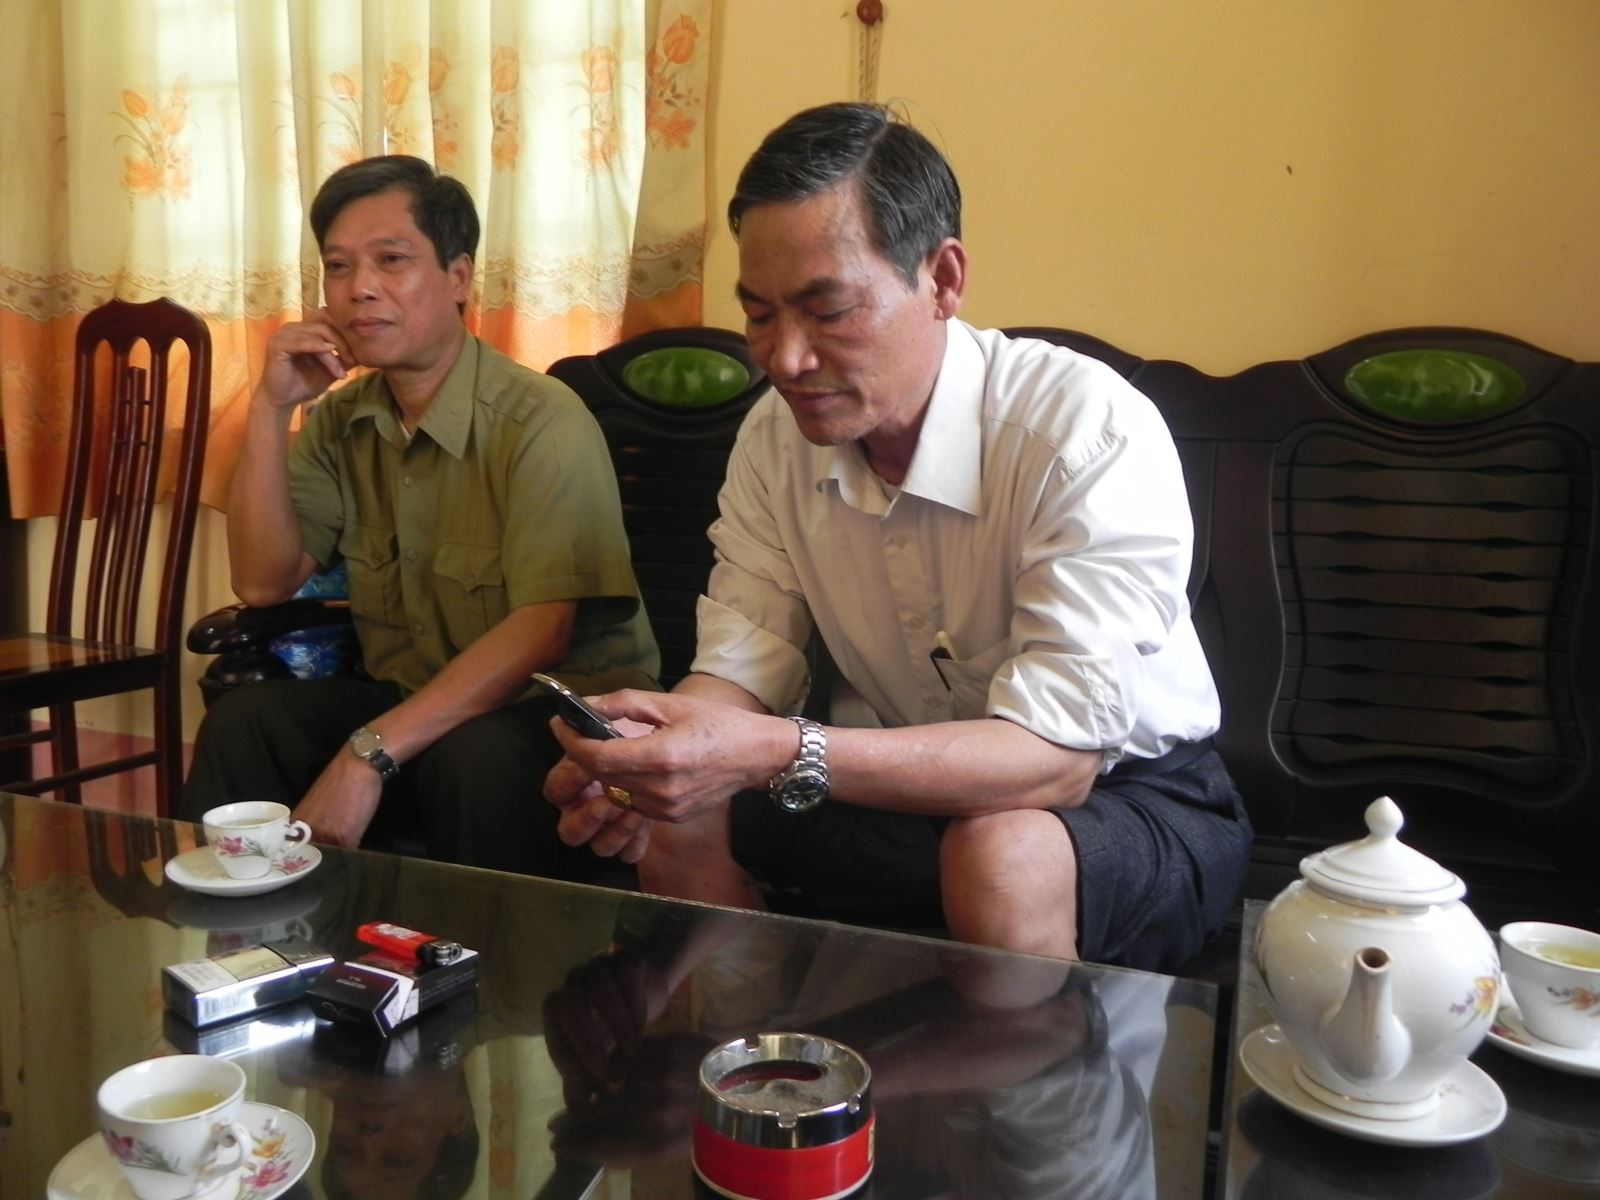 Ông Vũ Ngọc Ba (xắn quần), Chủ tịch UBND thị trấn Lai Cách trong một buổi làm việc với Phóng viên Quê Hương Ngày Nay. Ảnh: VŨ TÂN